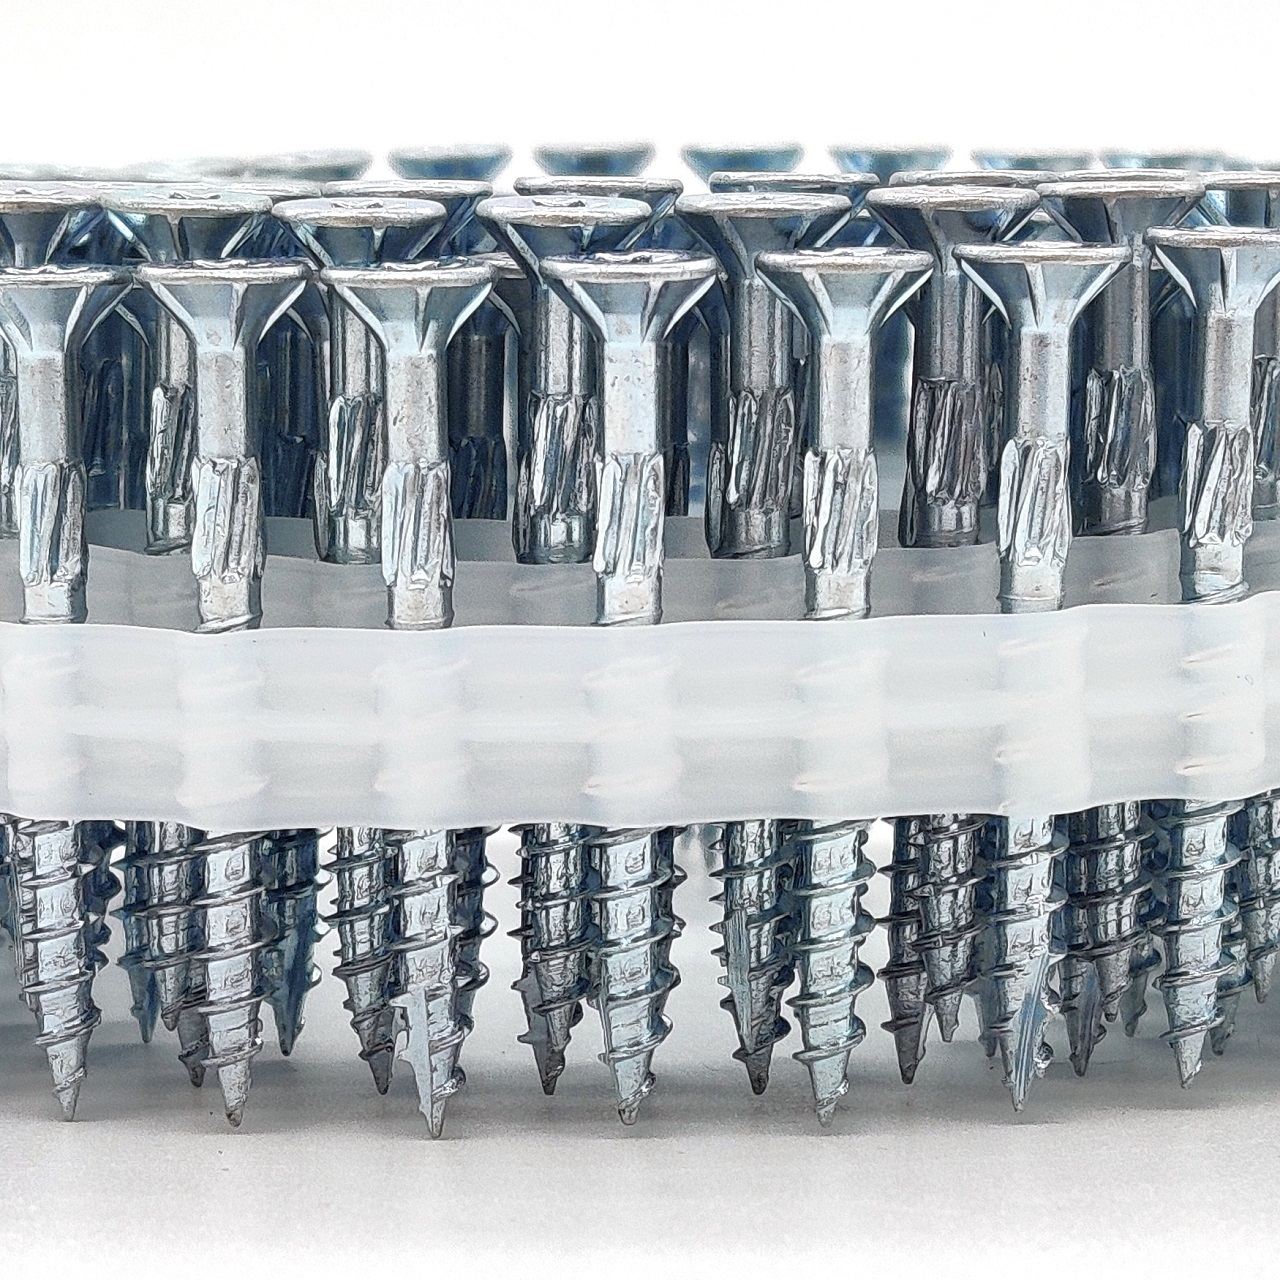 Coil adunox-SuperUni Holzschrauben / Spanplattenschrauben | hell verzinkt | 4,0x30 | 2.500 Stk